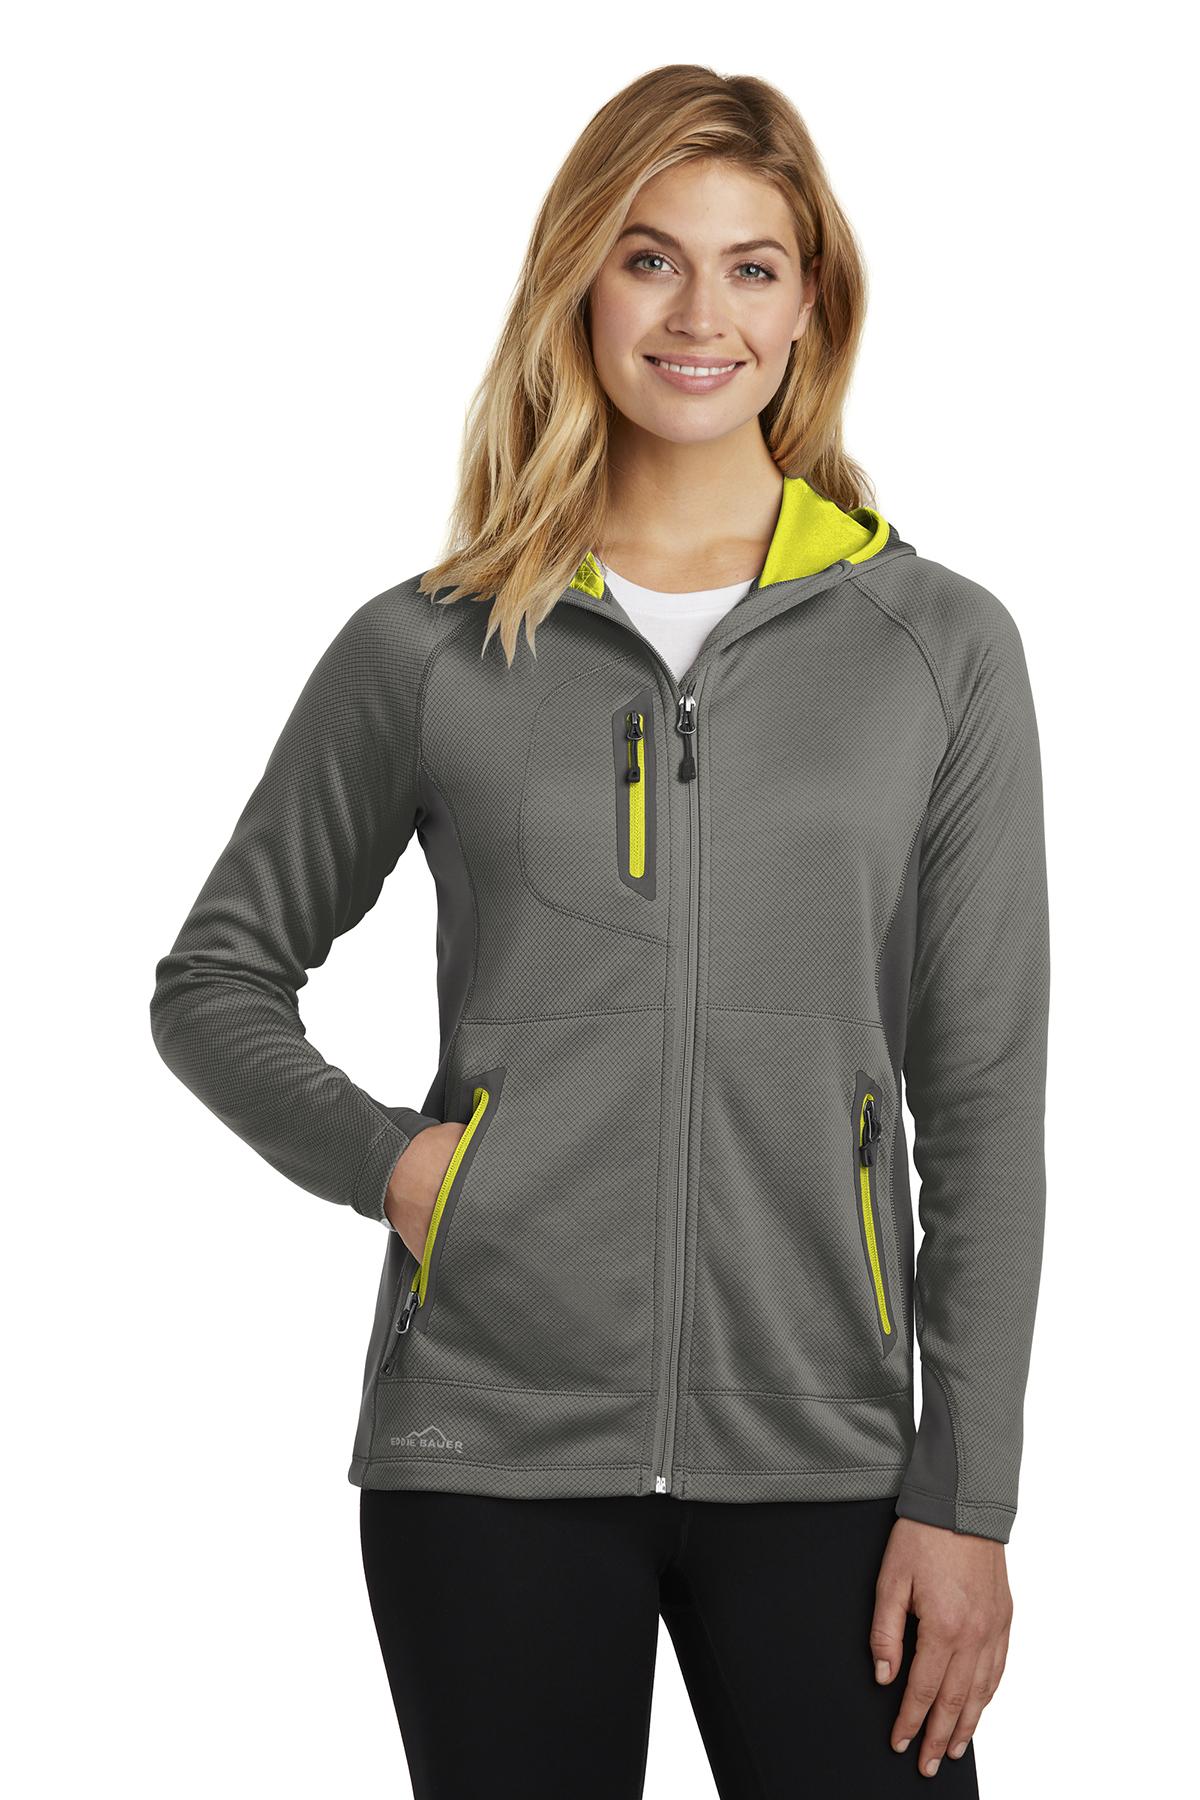 bcff74209 Eddie Bauer ® Ladies Sport Hooded Full-Zip Fleece Jacket ...